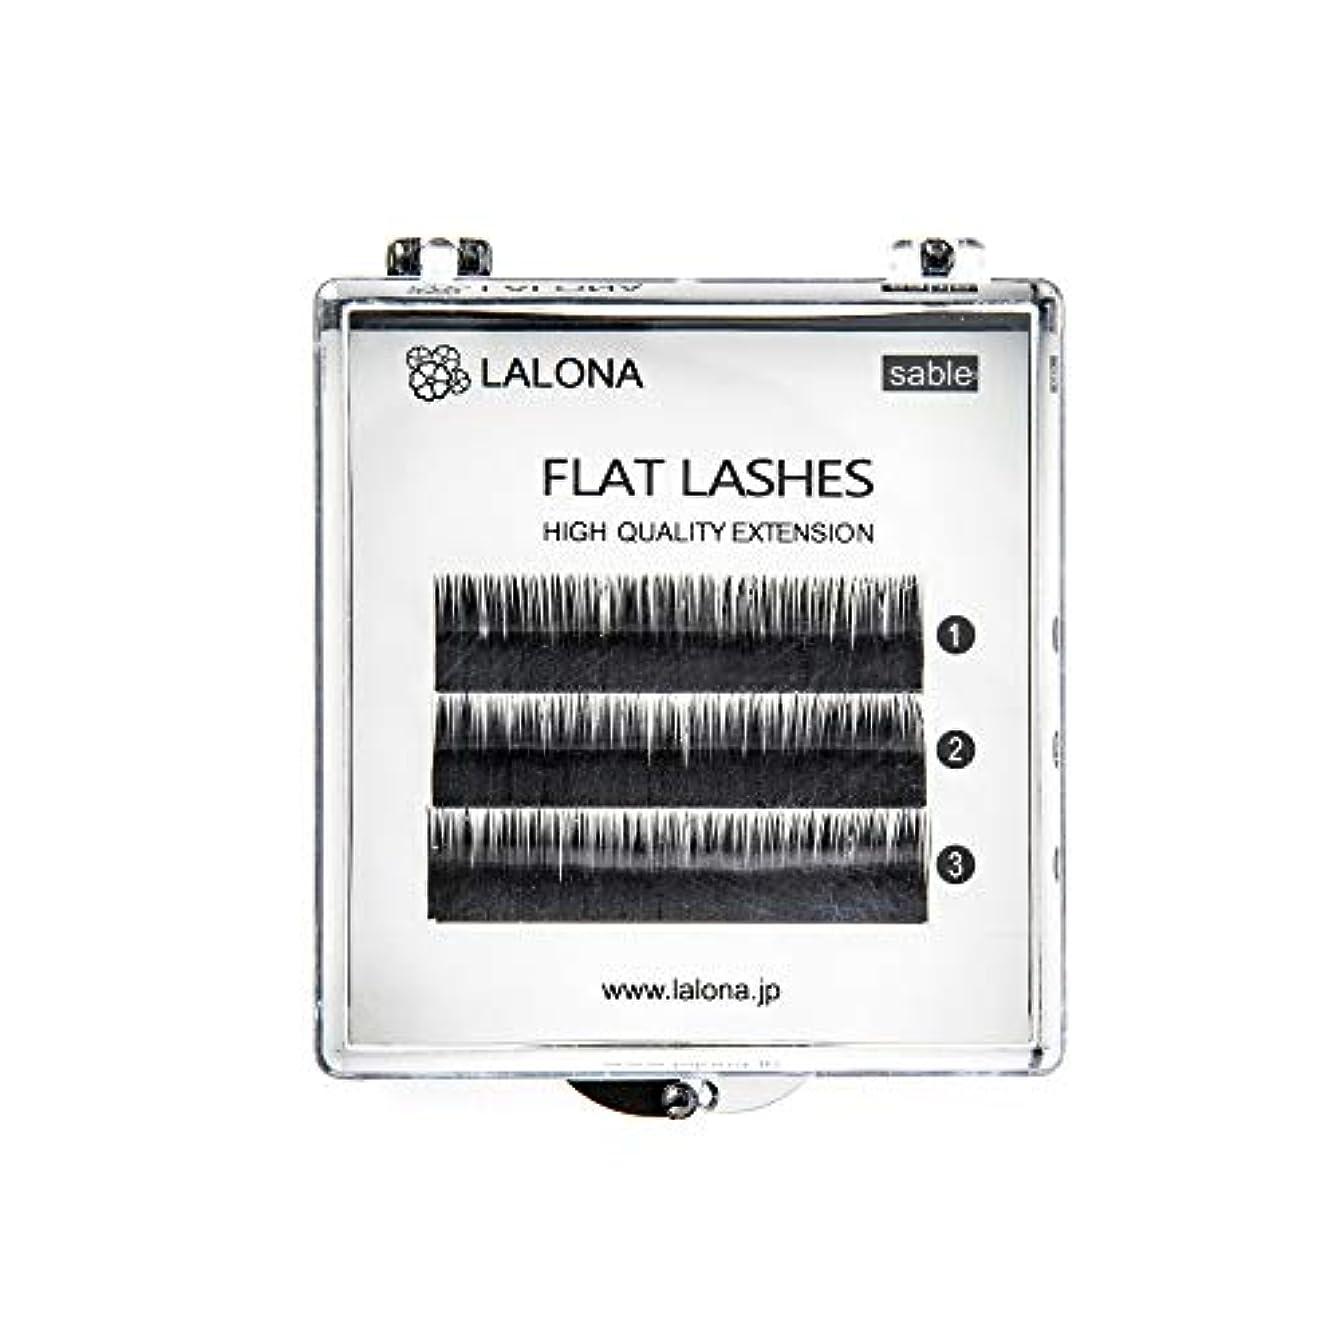 磁石忘れる皮肉なLALONA [ ラローナ ] フラットラッシュ (BLK) (3列) まつげエクステ 平面加工 Lディテール ブラック (Cカール 0.15 / 12mm)